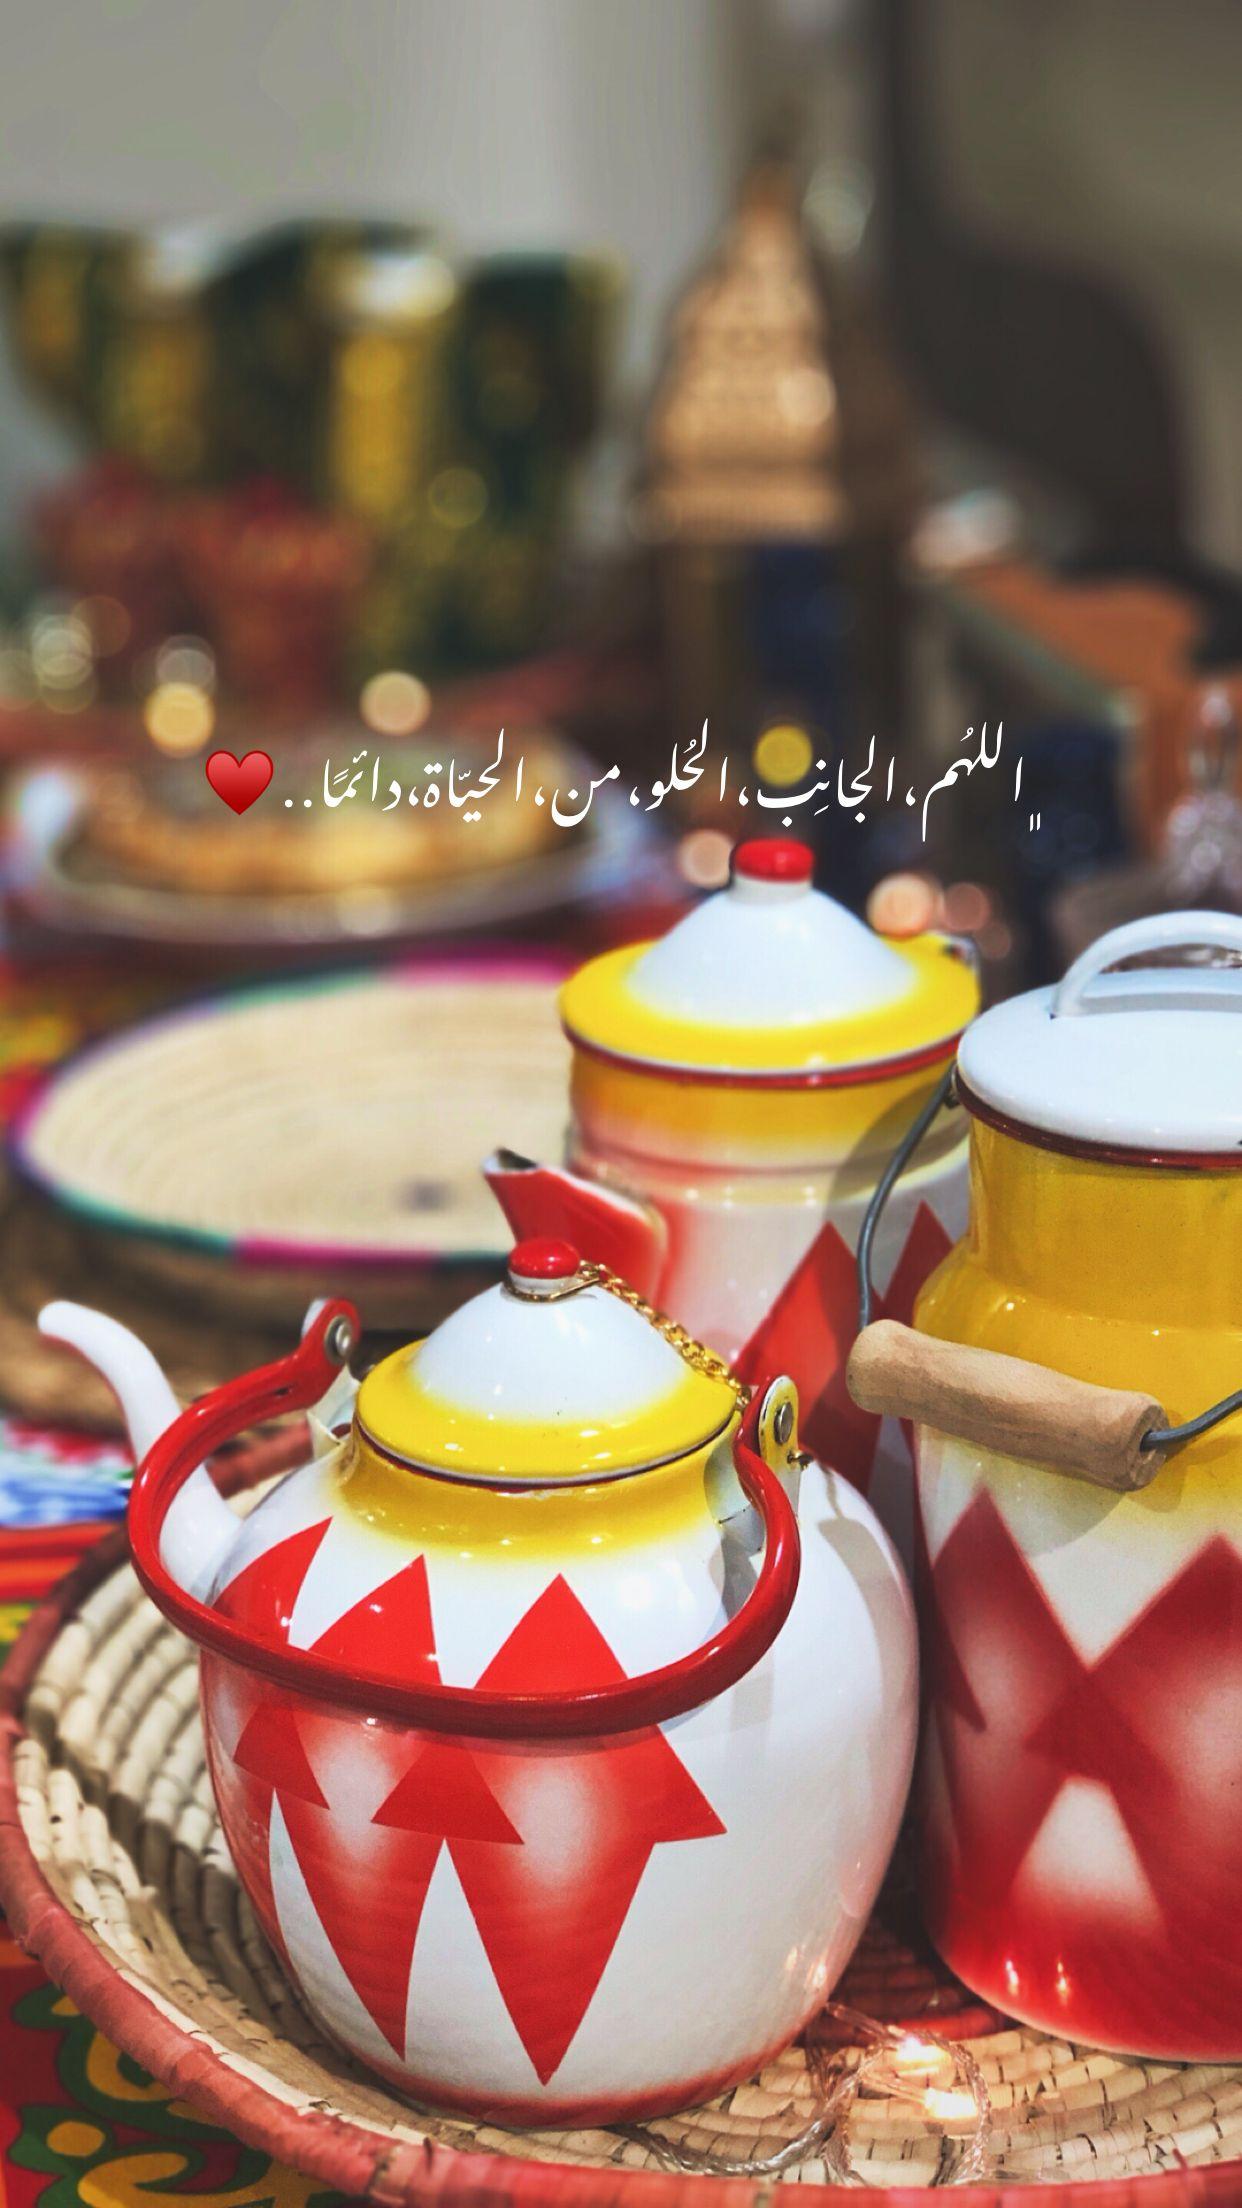 دعاء ادعية رمضان اقتباسات الشرقية سناب سنابات مصورين شعبي قرقيعان Ramadan Instagram Photo Ideas Posts Cool Words